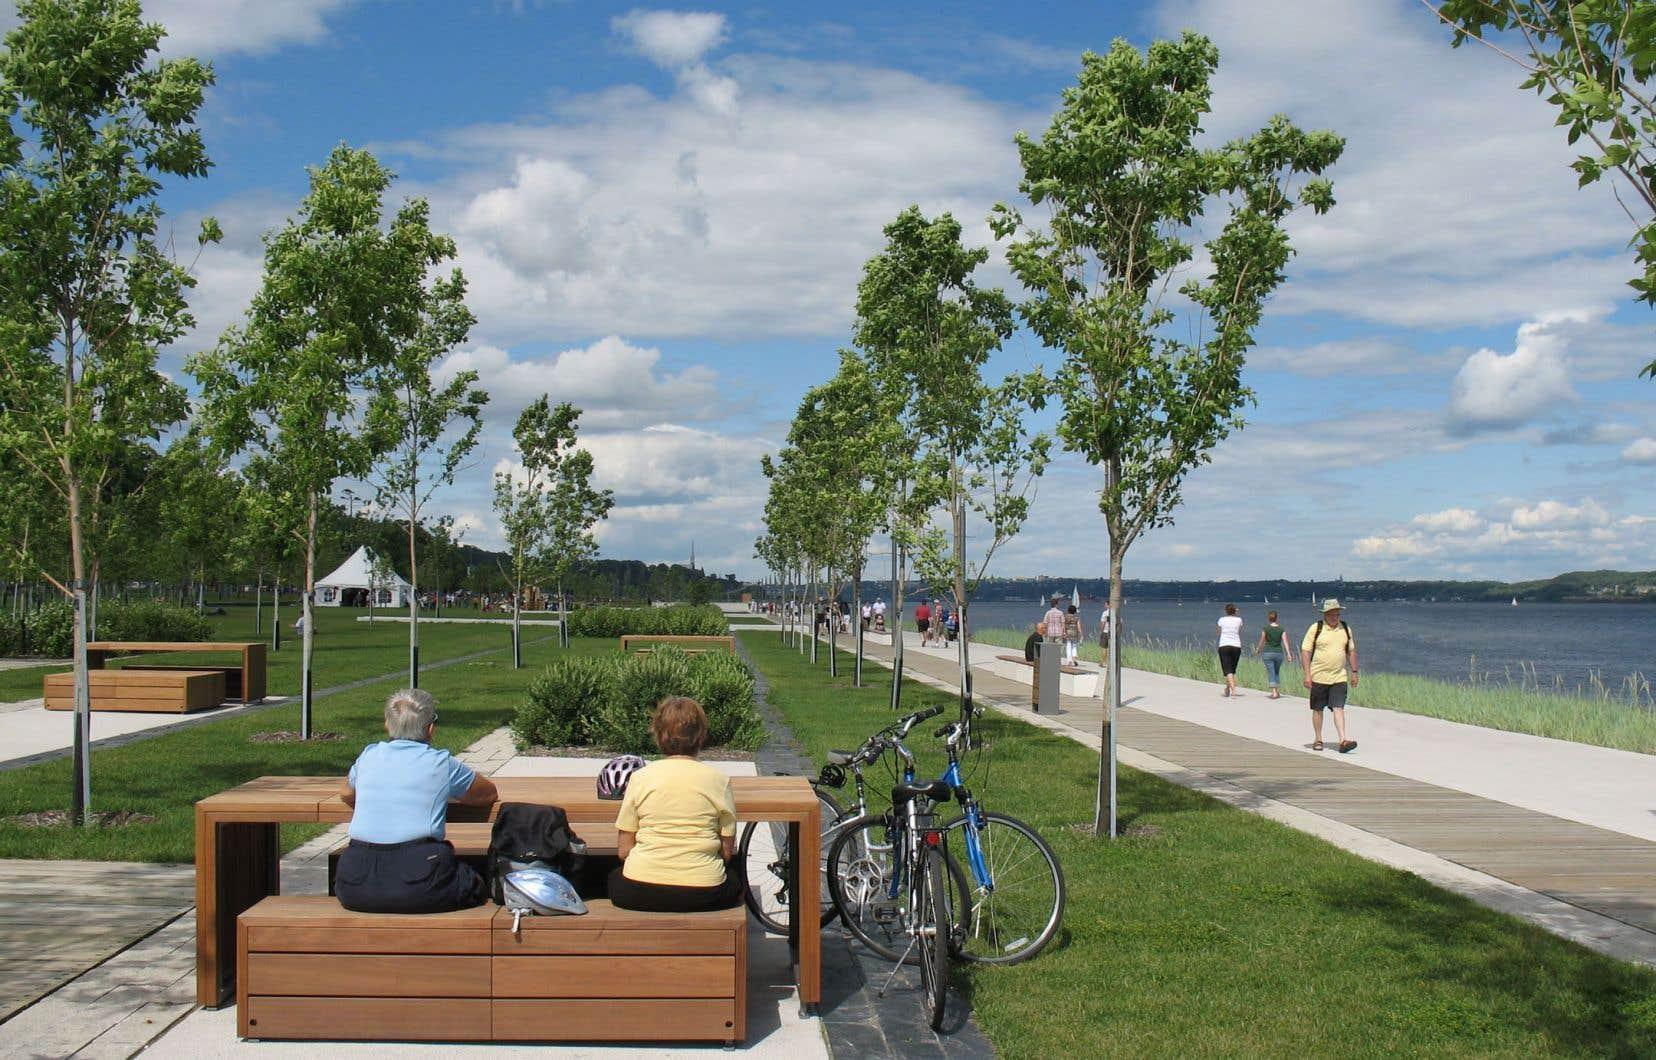 «C'est en se dotant d'une Commission de la capitale nationale à l'exemple de celle d'Ottawa que la ville de Québec a pu réaliser sa formidable promenade Samuel-De Champlain», écrit l'auteur.